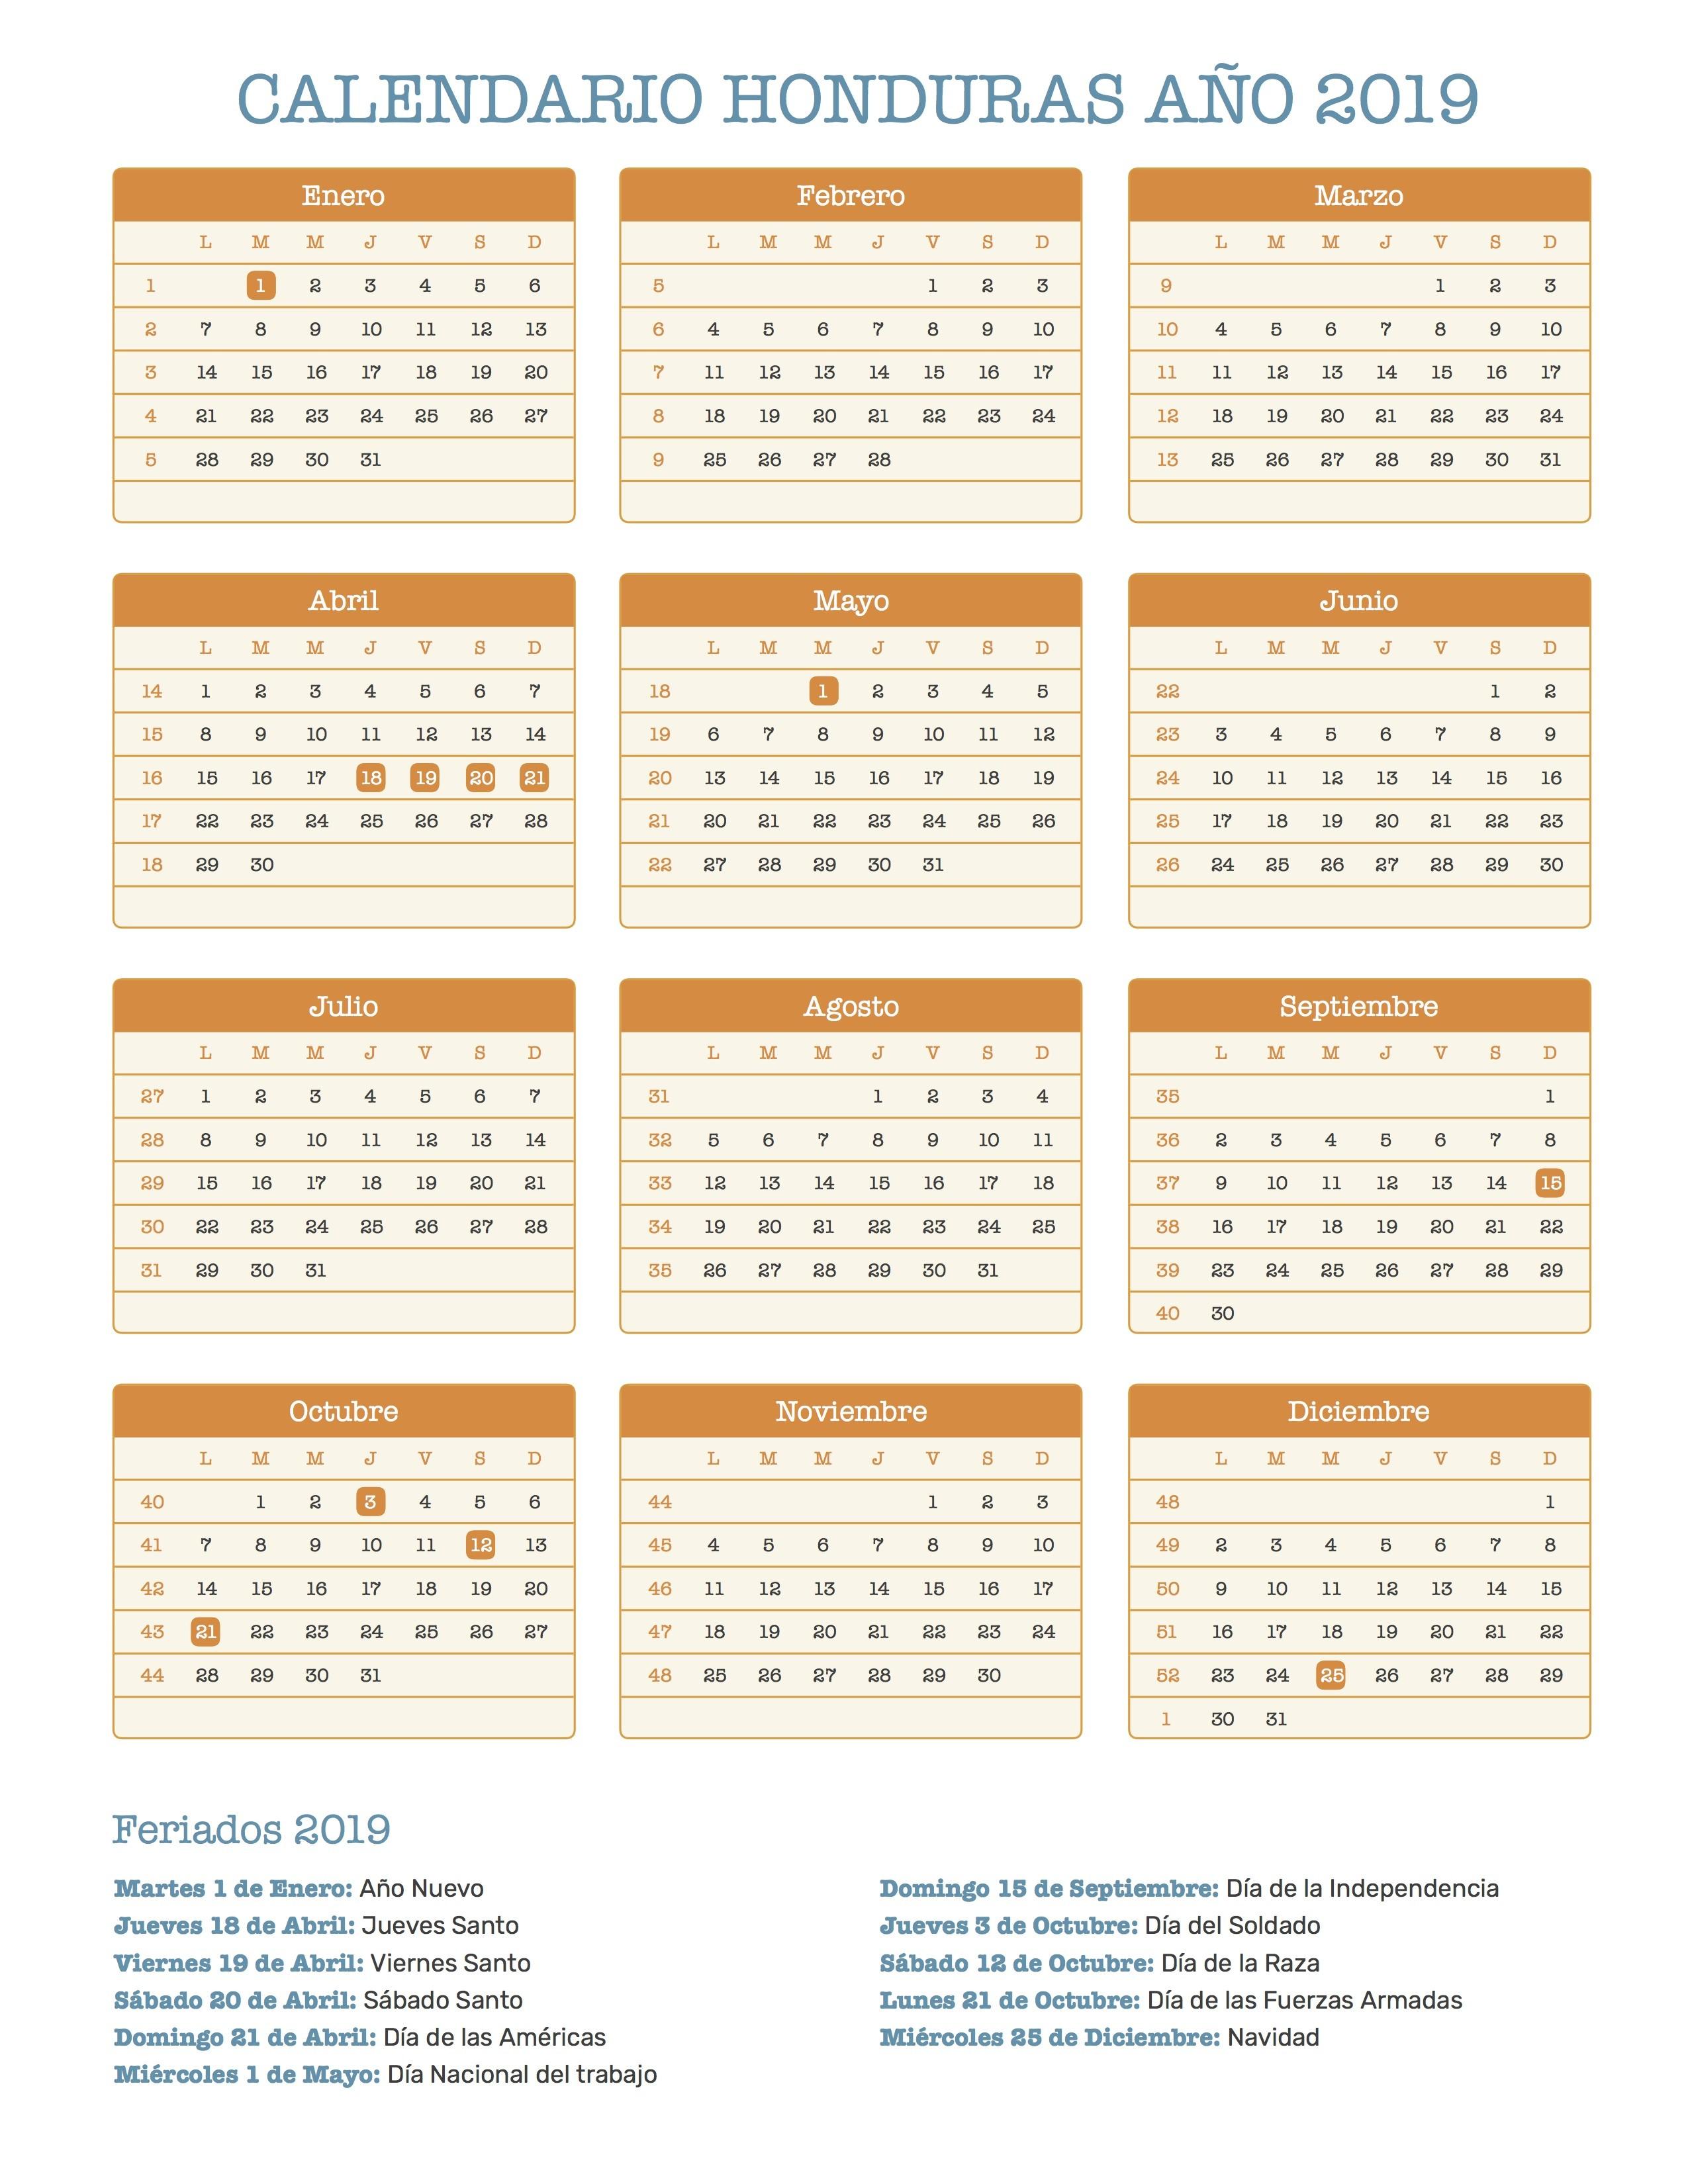 Calendario Honduras 2019